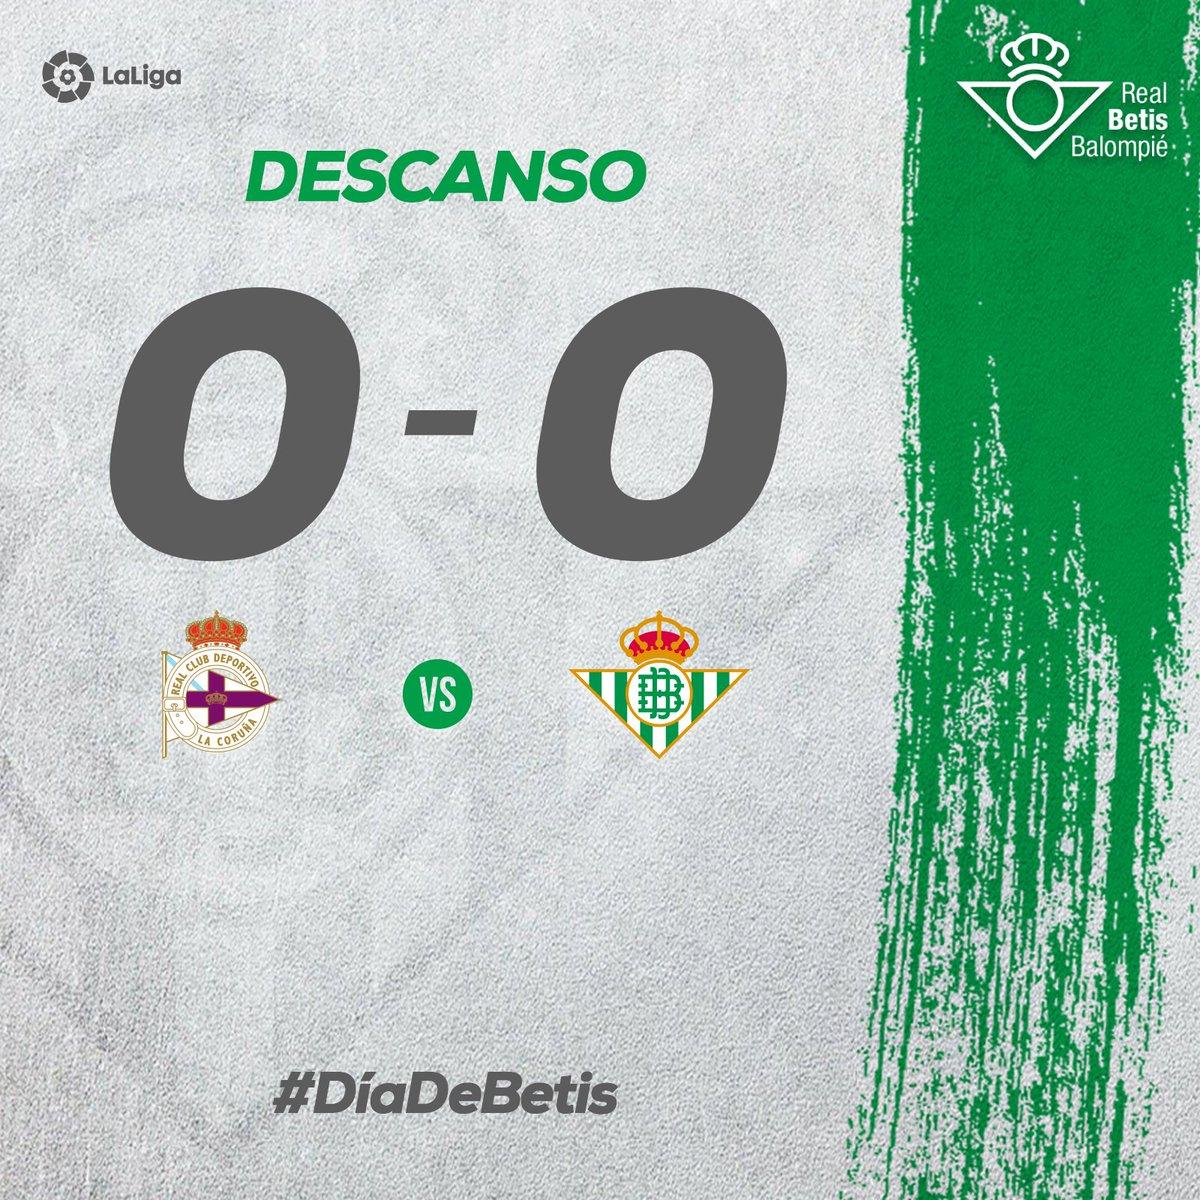 Deportivo La Coruna Vs Real Betis La Liga 2017 2018